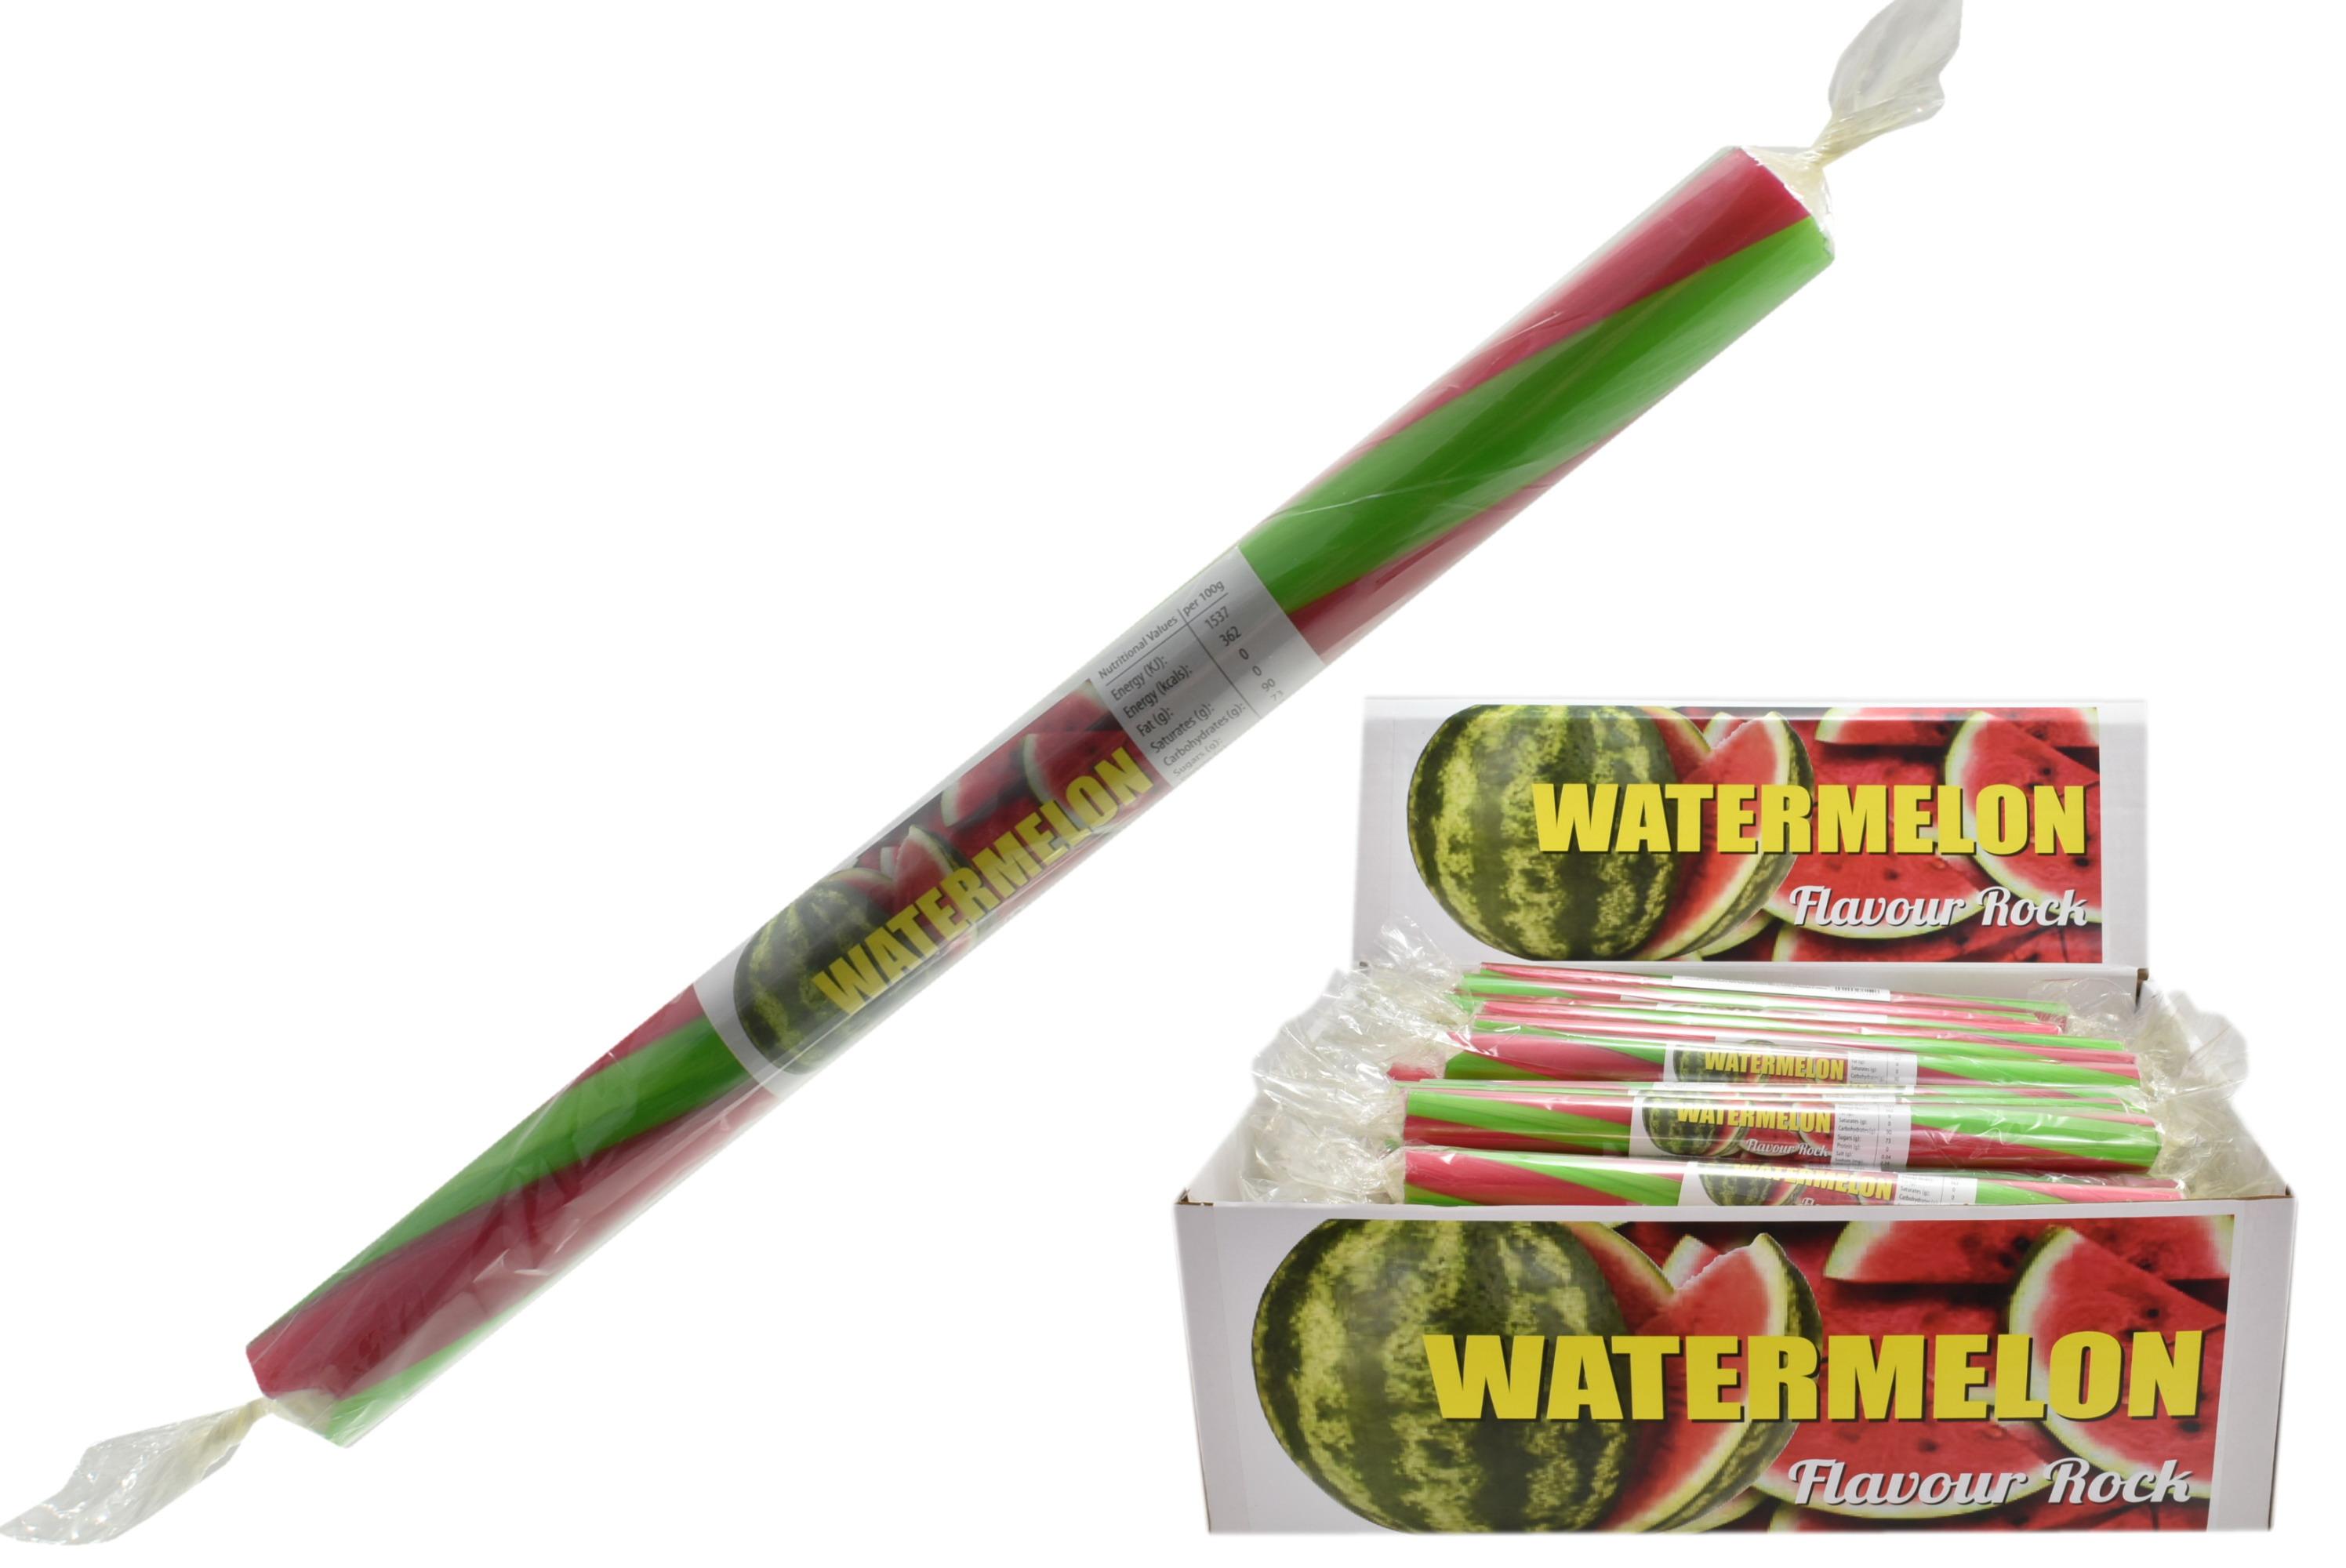 Watermelon - Flavoured Rock Sticks